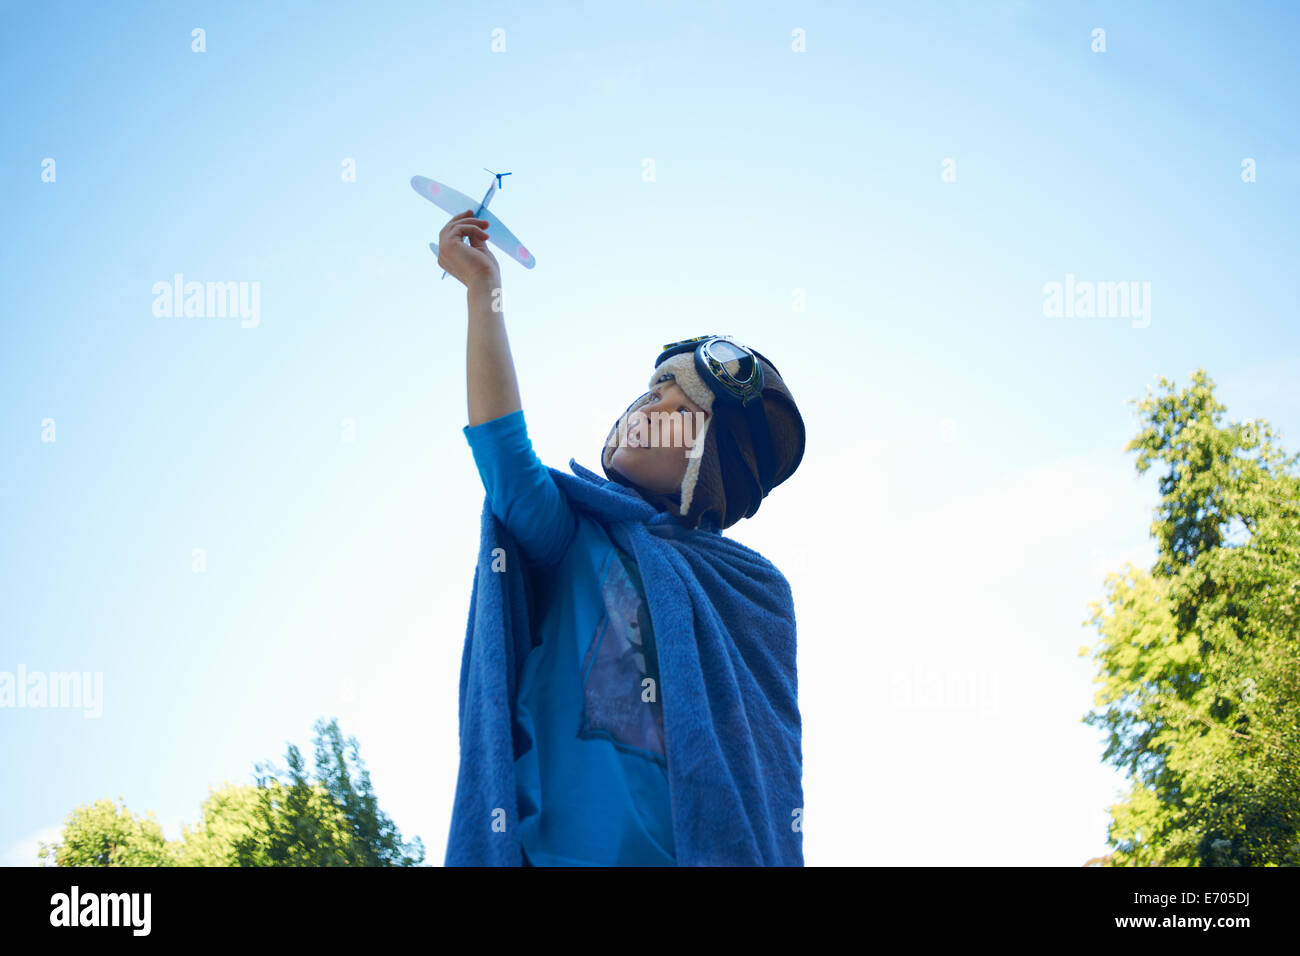 Jeune garçon en robe de soirée, Playing with toy airplane Banque D'Images